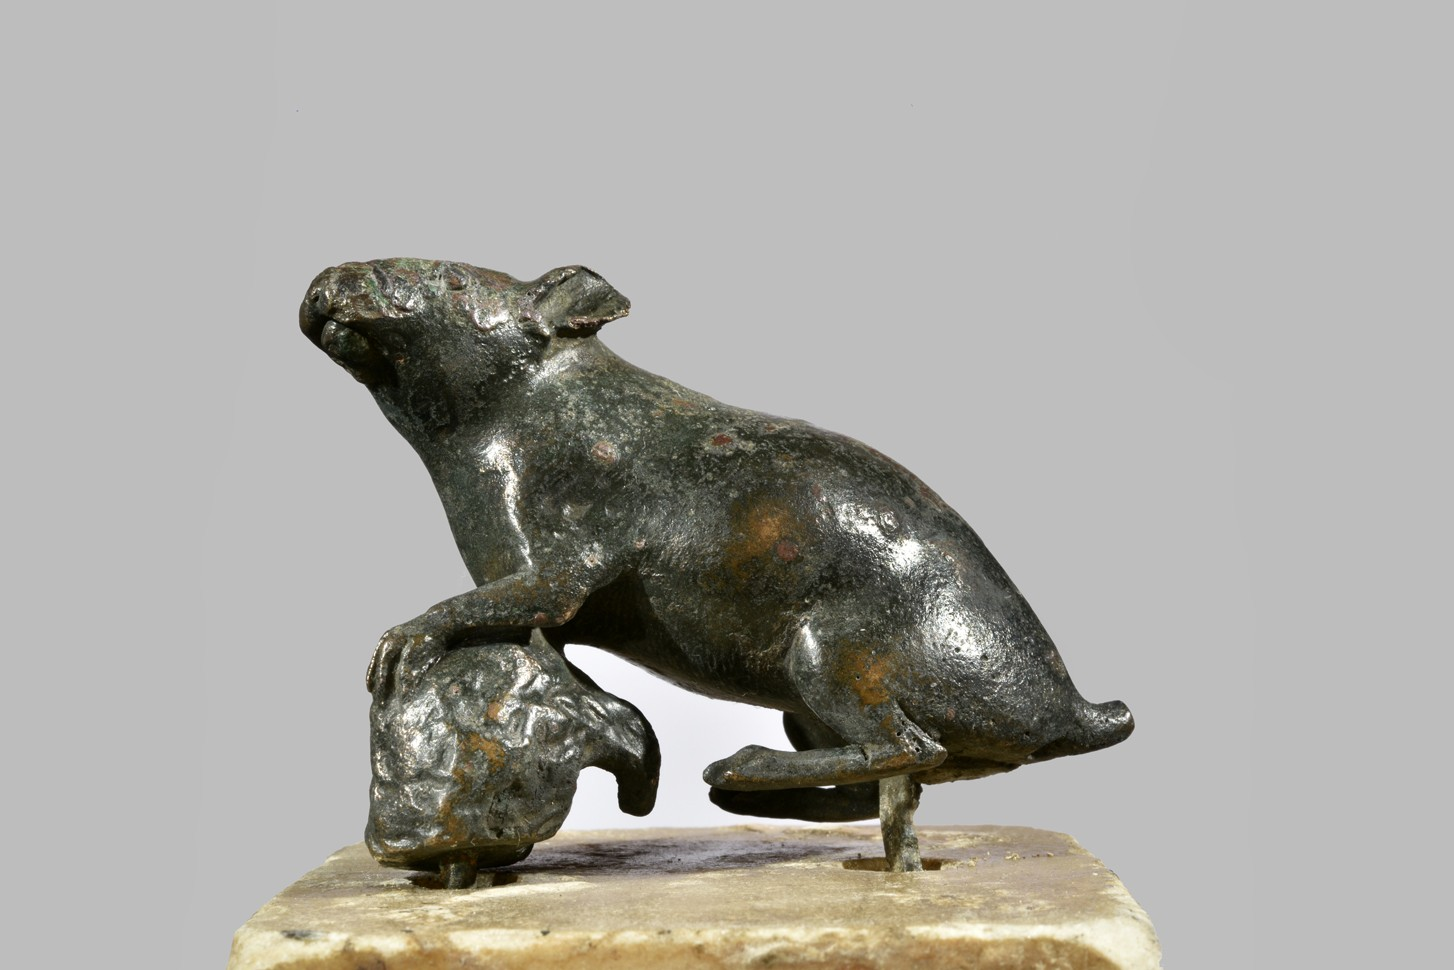 Alcune statuine bronzee raffiguranti topi in esposizione al Museo dal prossimo 24 gennaio 2020